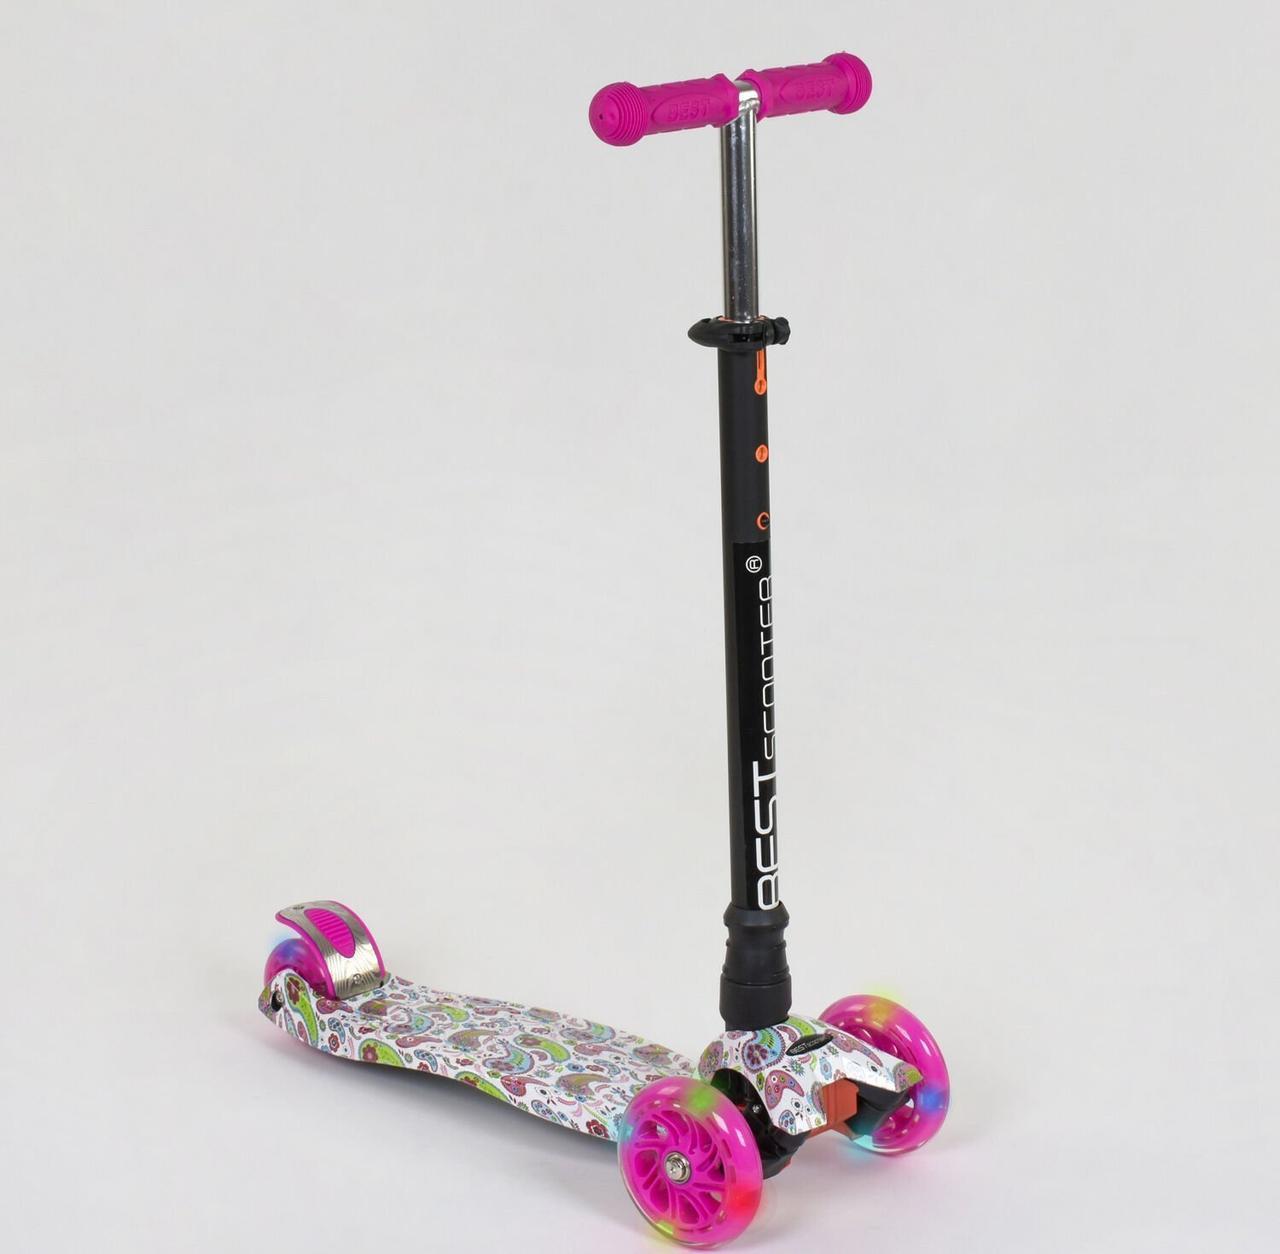 """Самокат MAXI """"Best Scooter"""" с принтом пластмассовый, 4 колеса PU, свет, трубка руля алюминиевая, d=12см"""